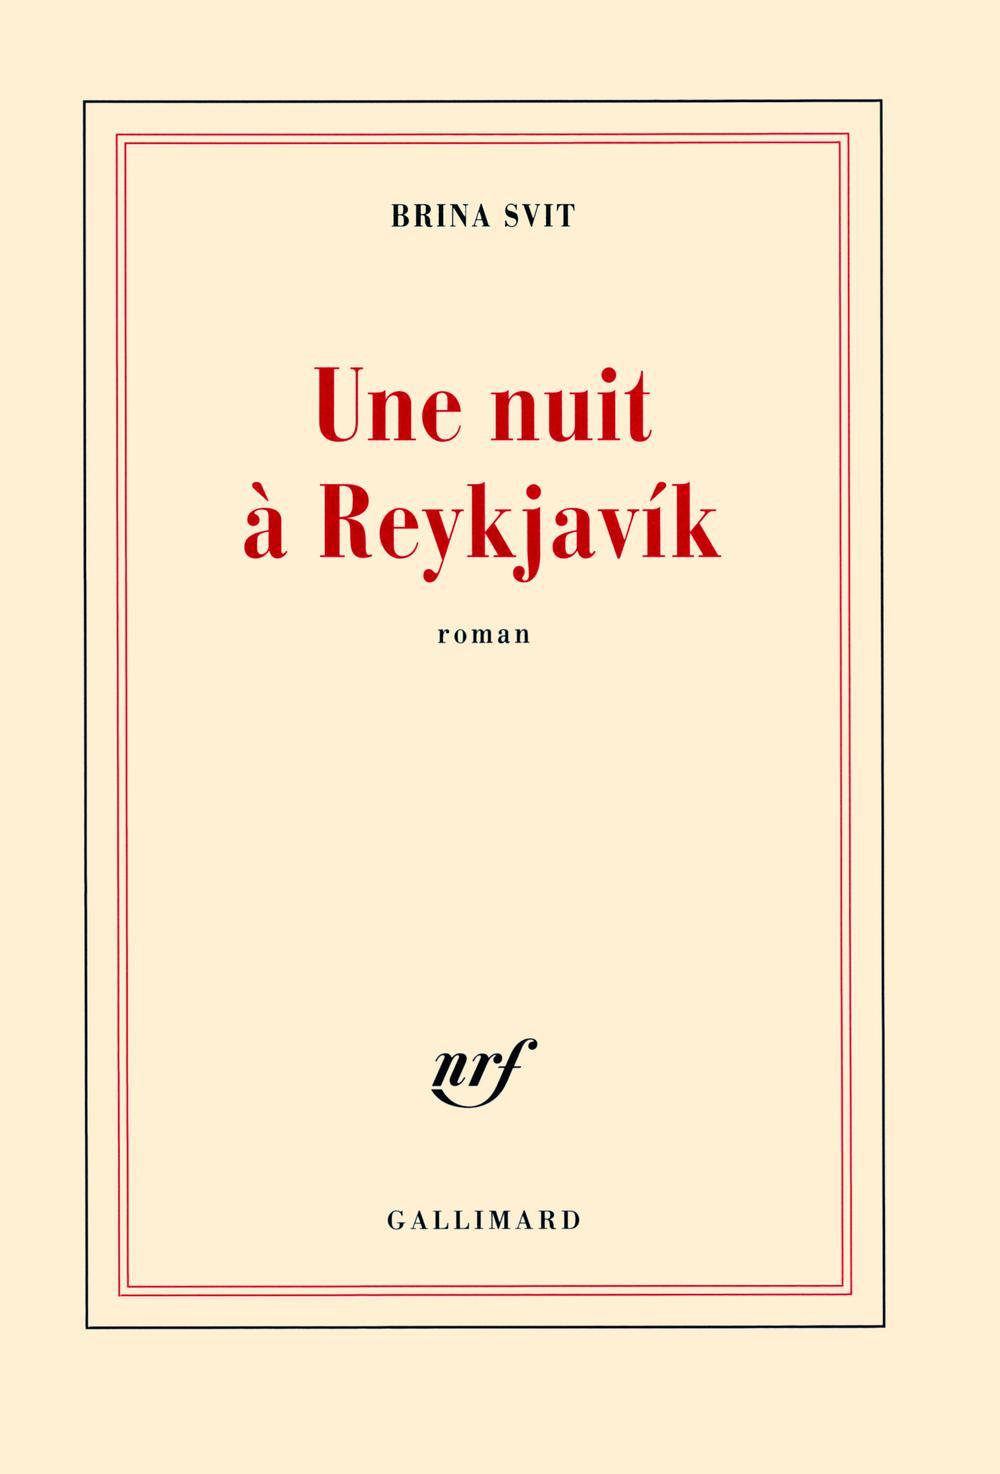 Une nuit à Reykjavík